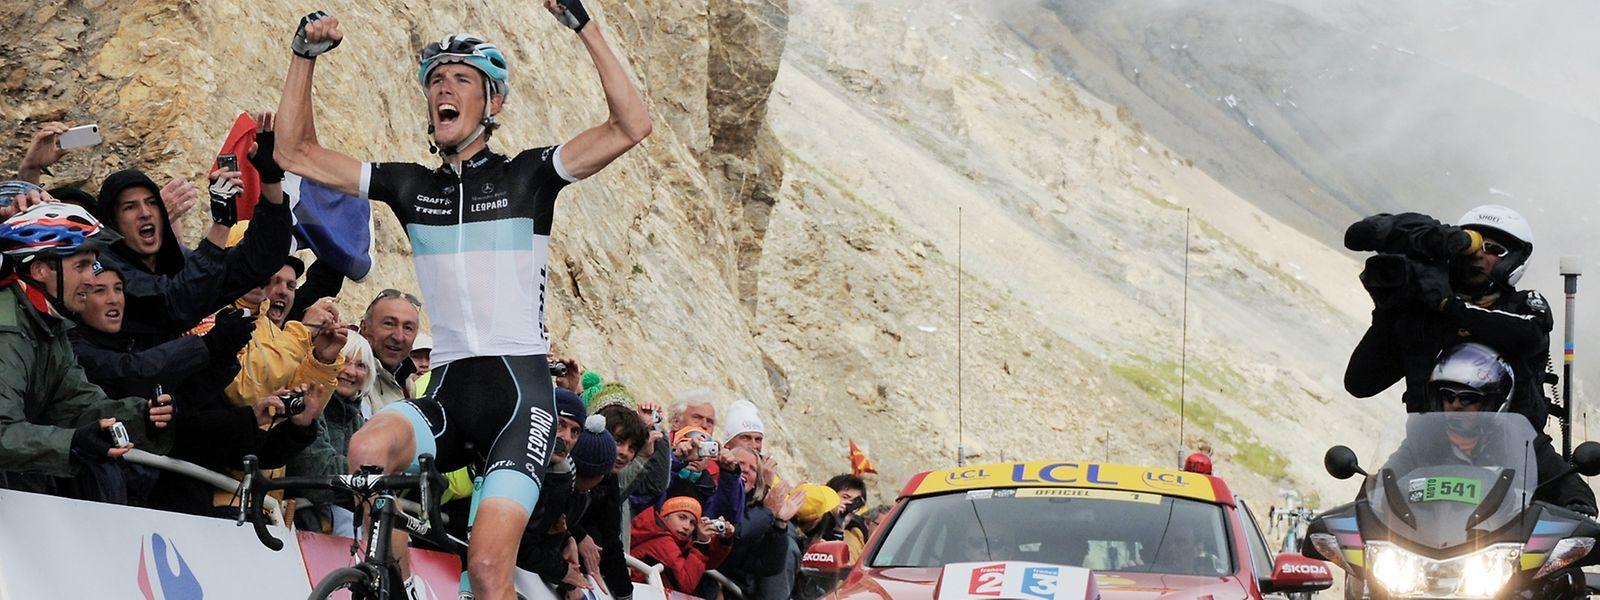 Auf dem Gipfel: Andy Schleck gewinnt die 18. Etappe der Tour de France 2011 auf dem Col du Galibier.